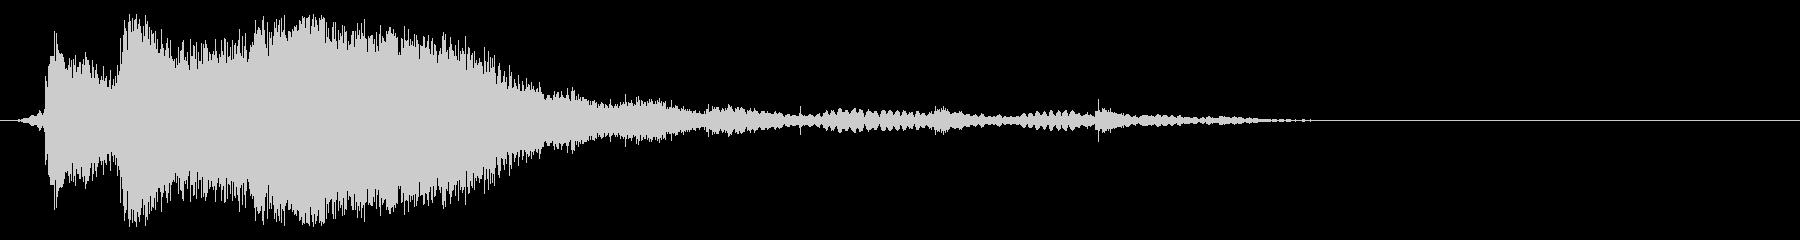 ザバーン!(水に飛び込む効果音)01の未再生の波形